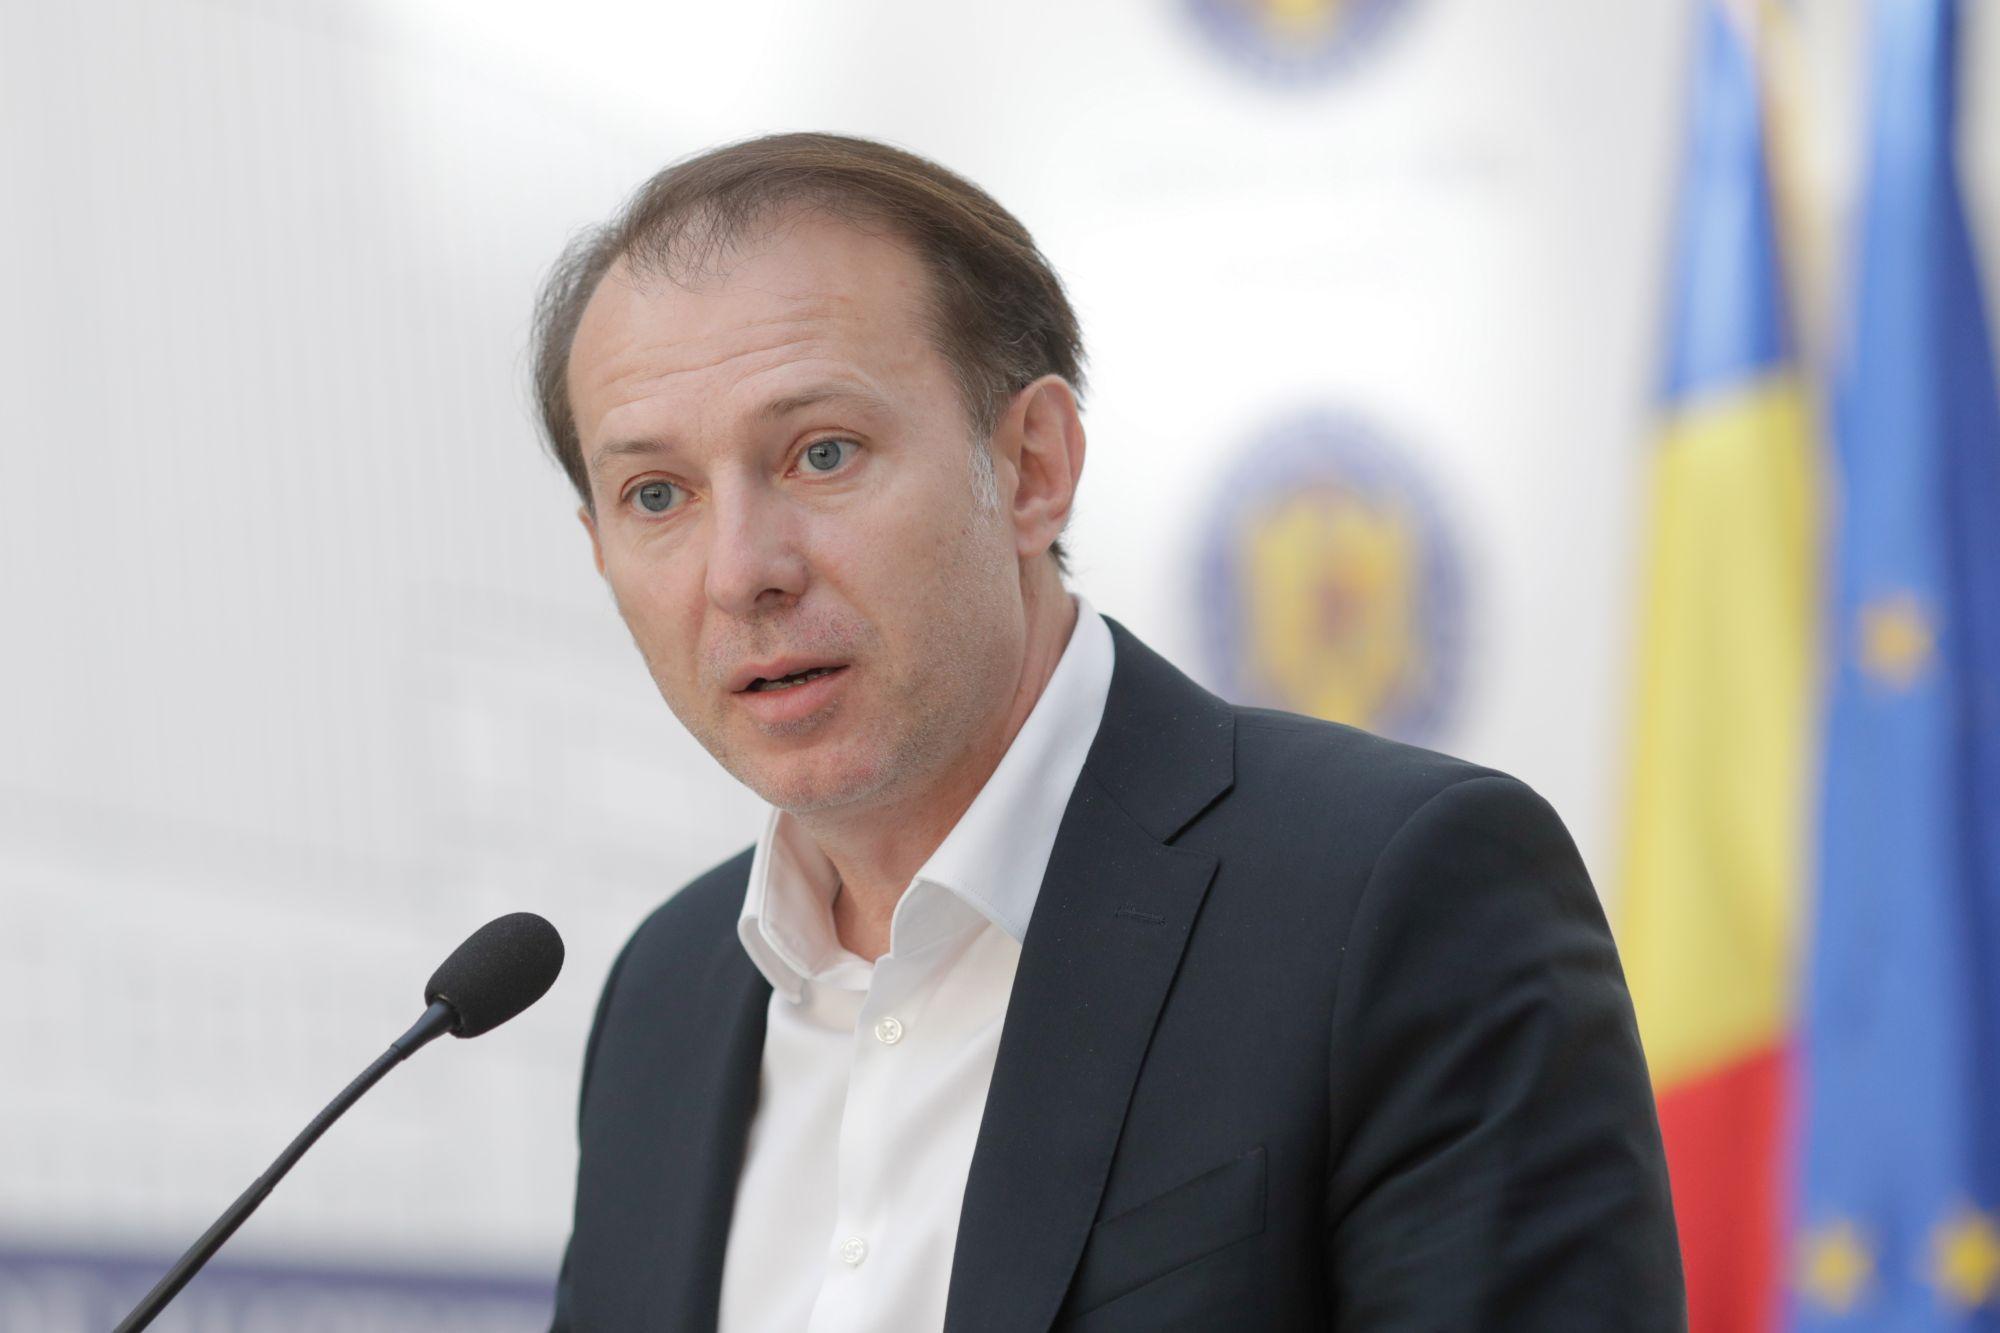 """Guvernul explică de ce a plecat Florin Cîţu din conferinţa de presă: """"A considerat că afirmaţiile sale nu mai sunt de interes pentru jurnalişti"""""""